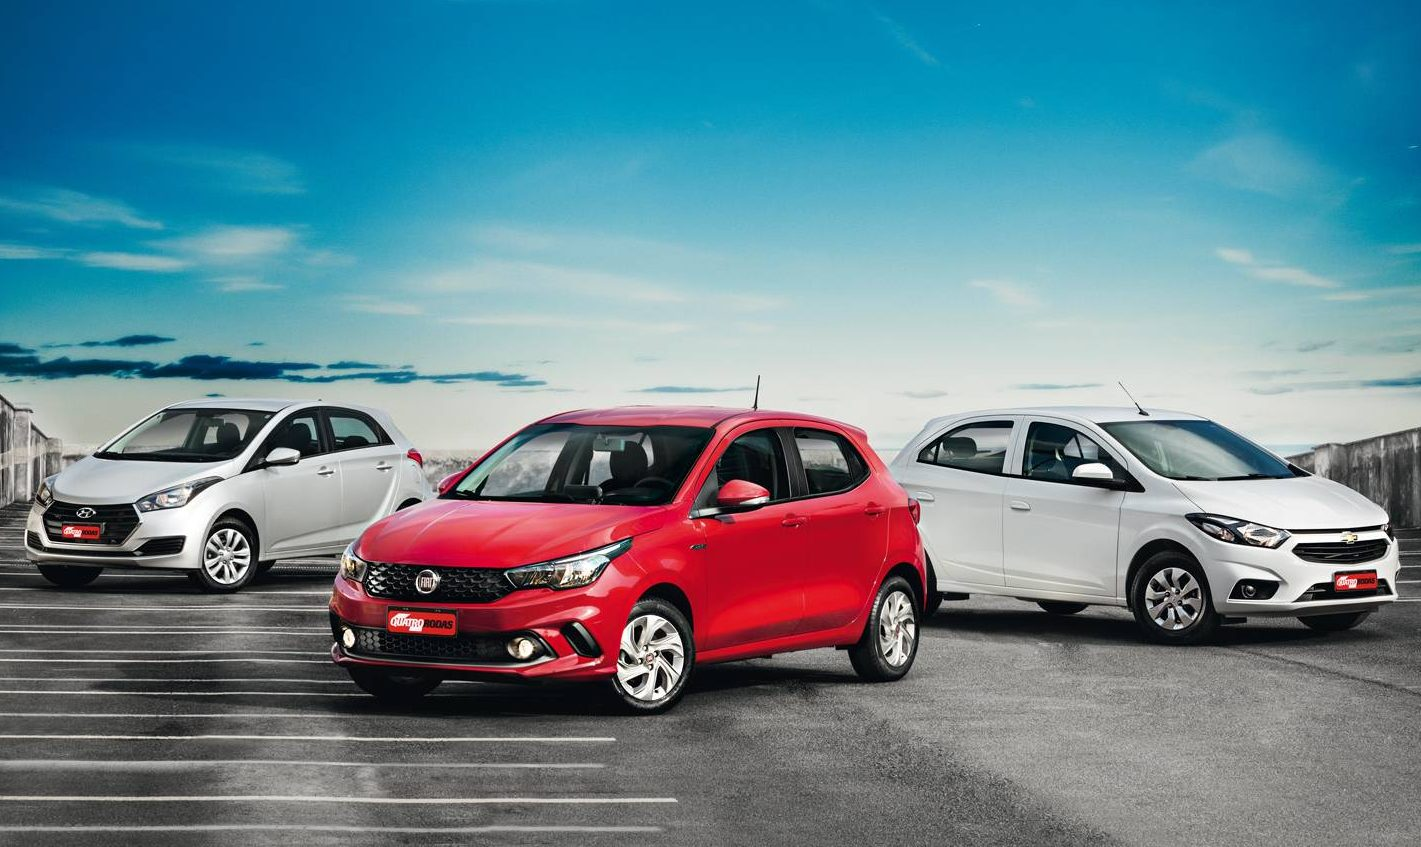 O novato da Fiat enfrenta os líderes do segmento da Hyundai e Chevrolet